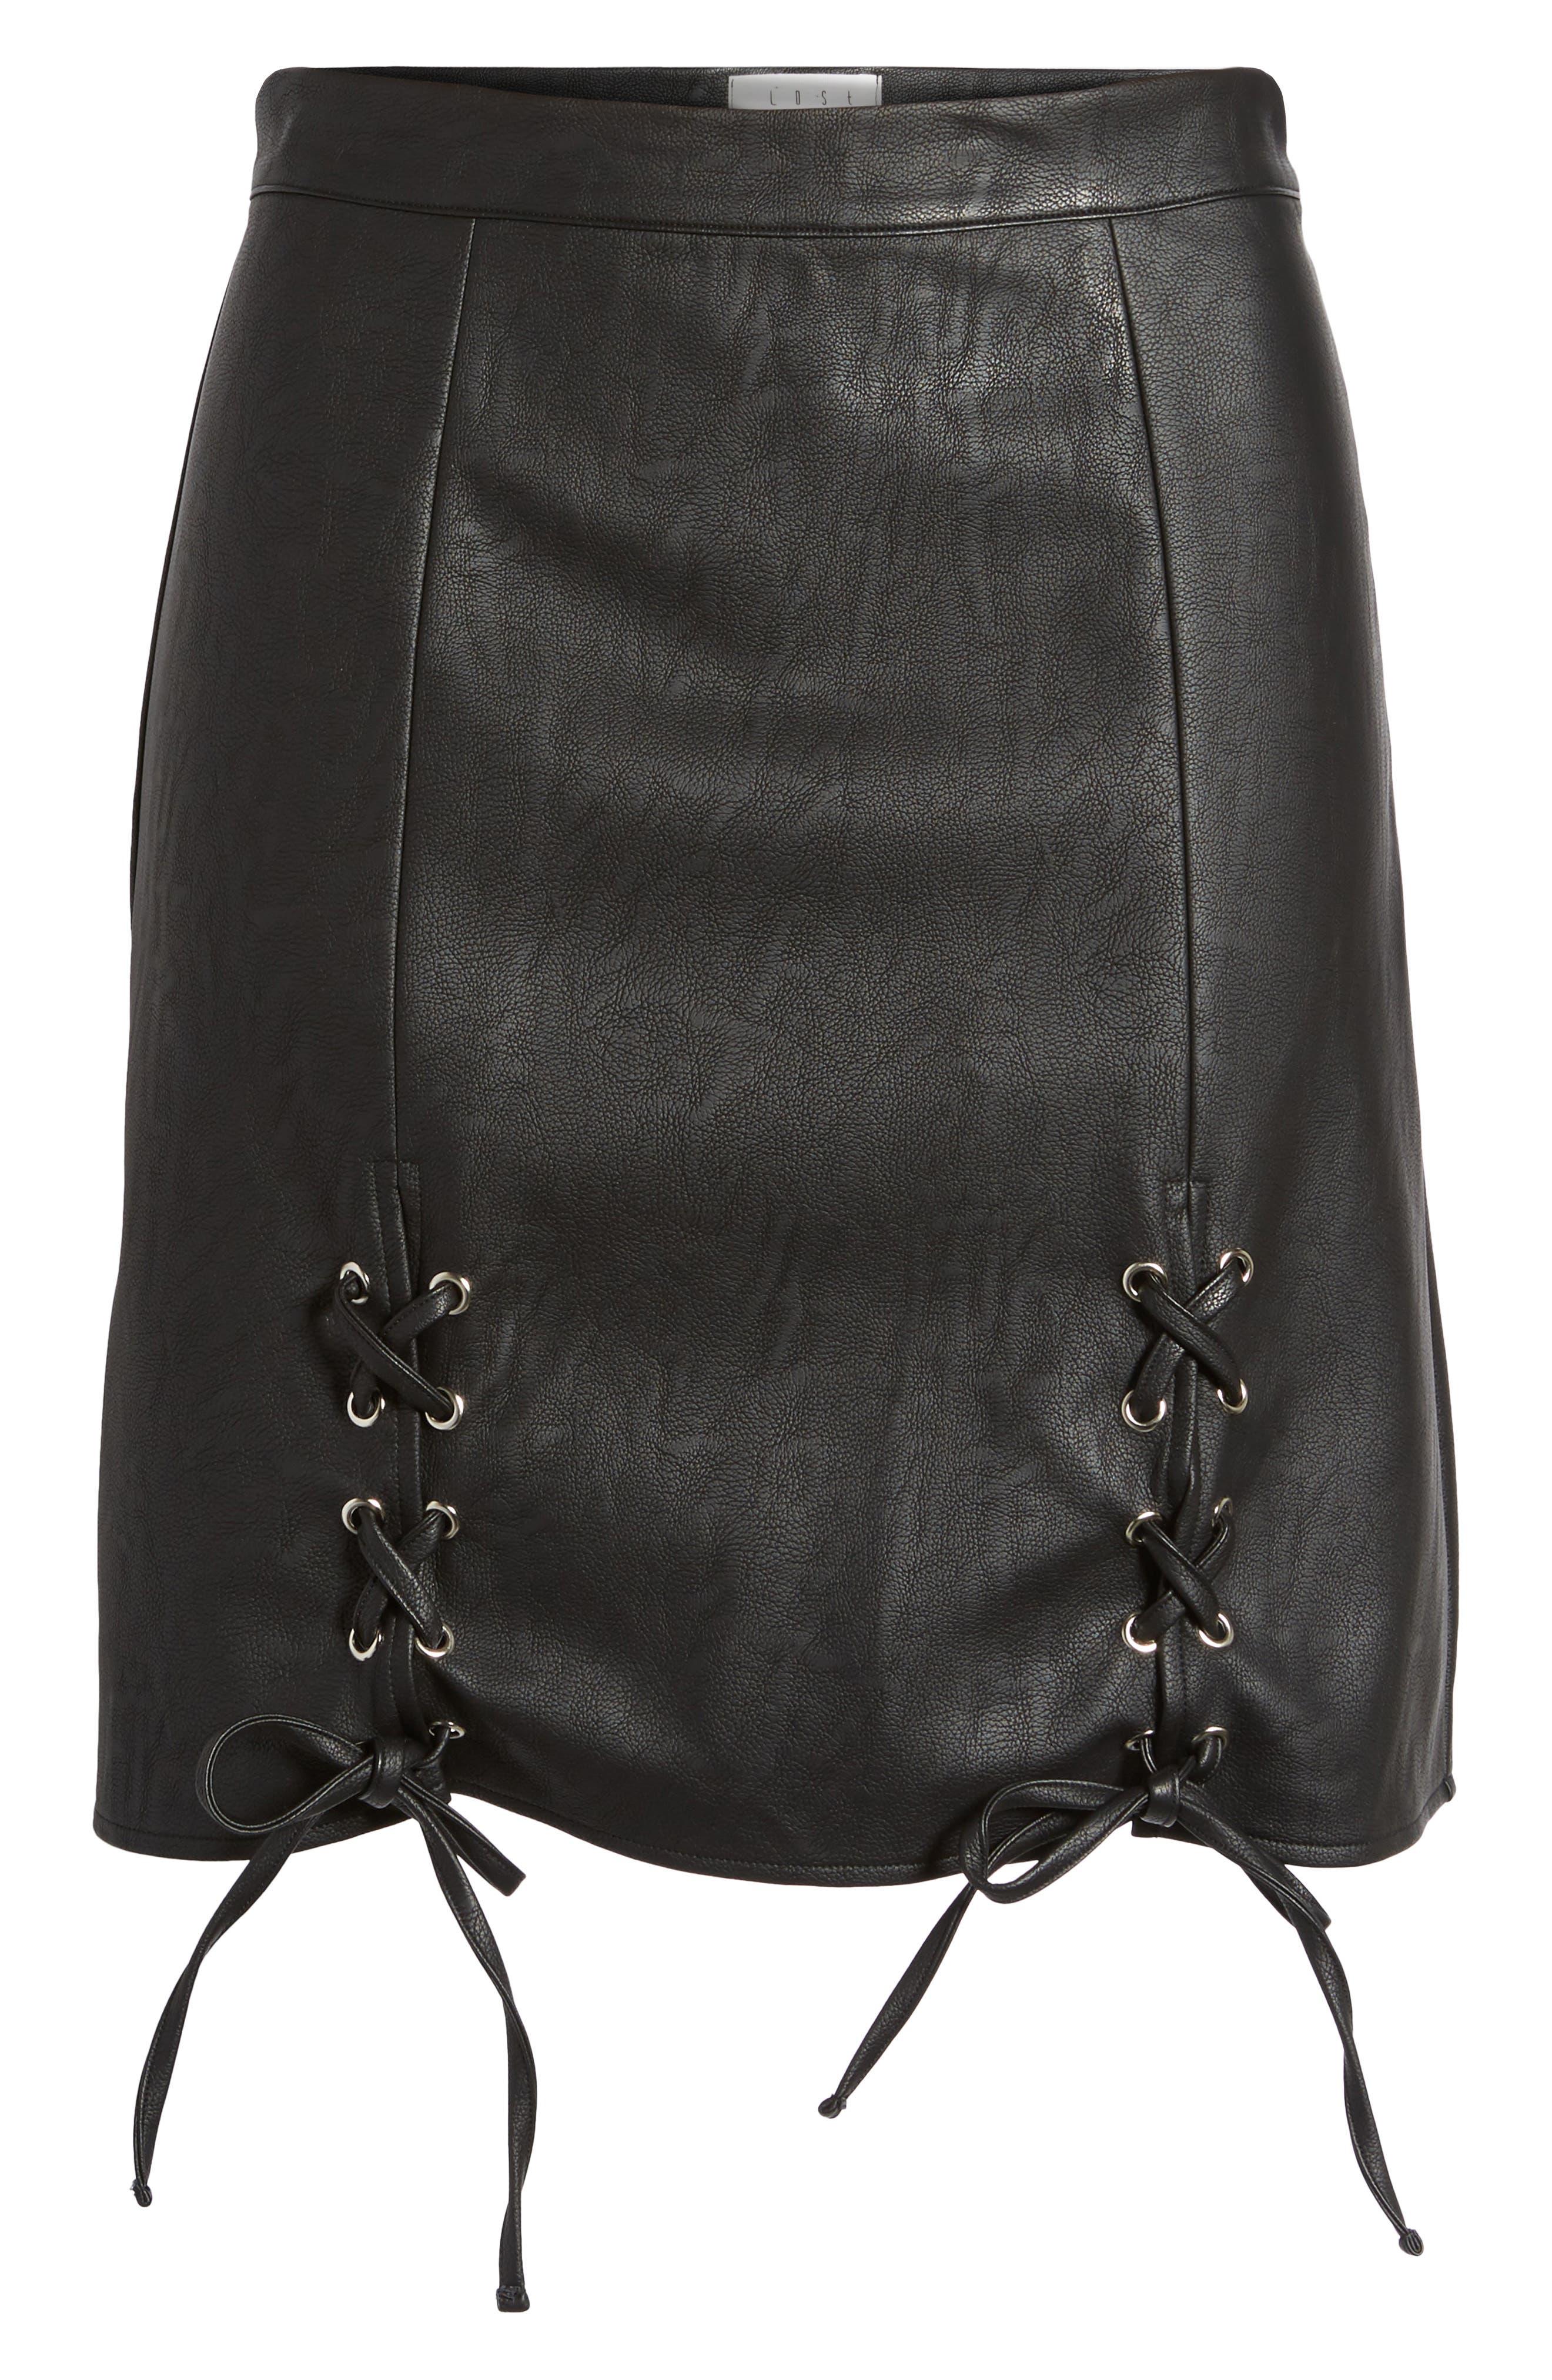 Dakota Lace Up Faux Leather Skirt,                             Alternate thumbnail 7, color,                             Black